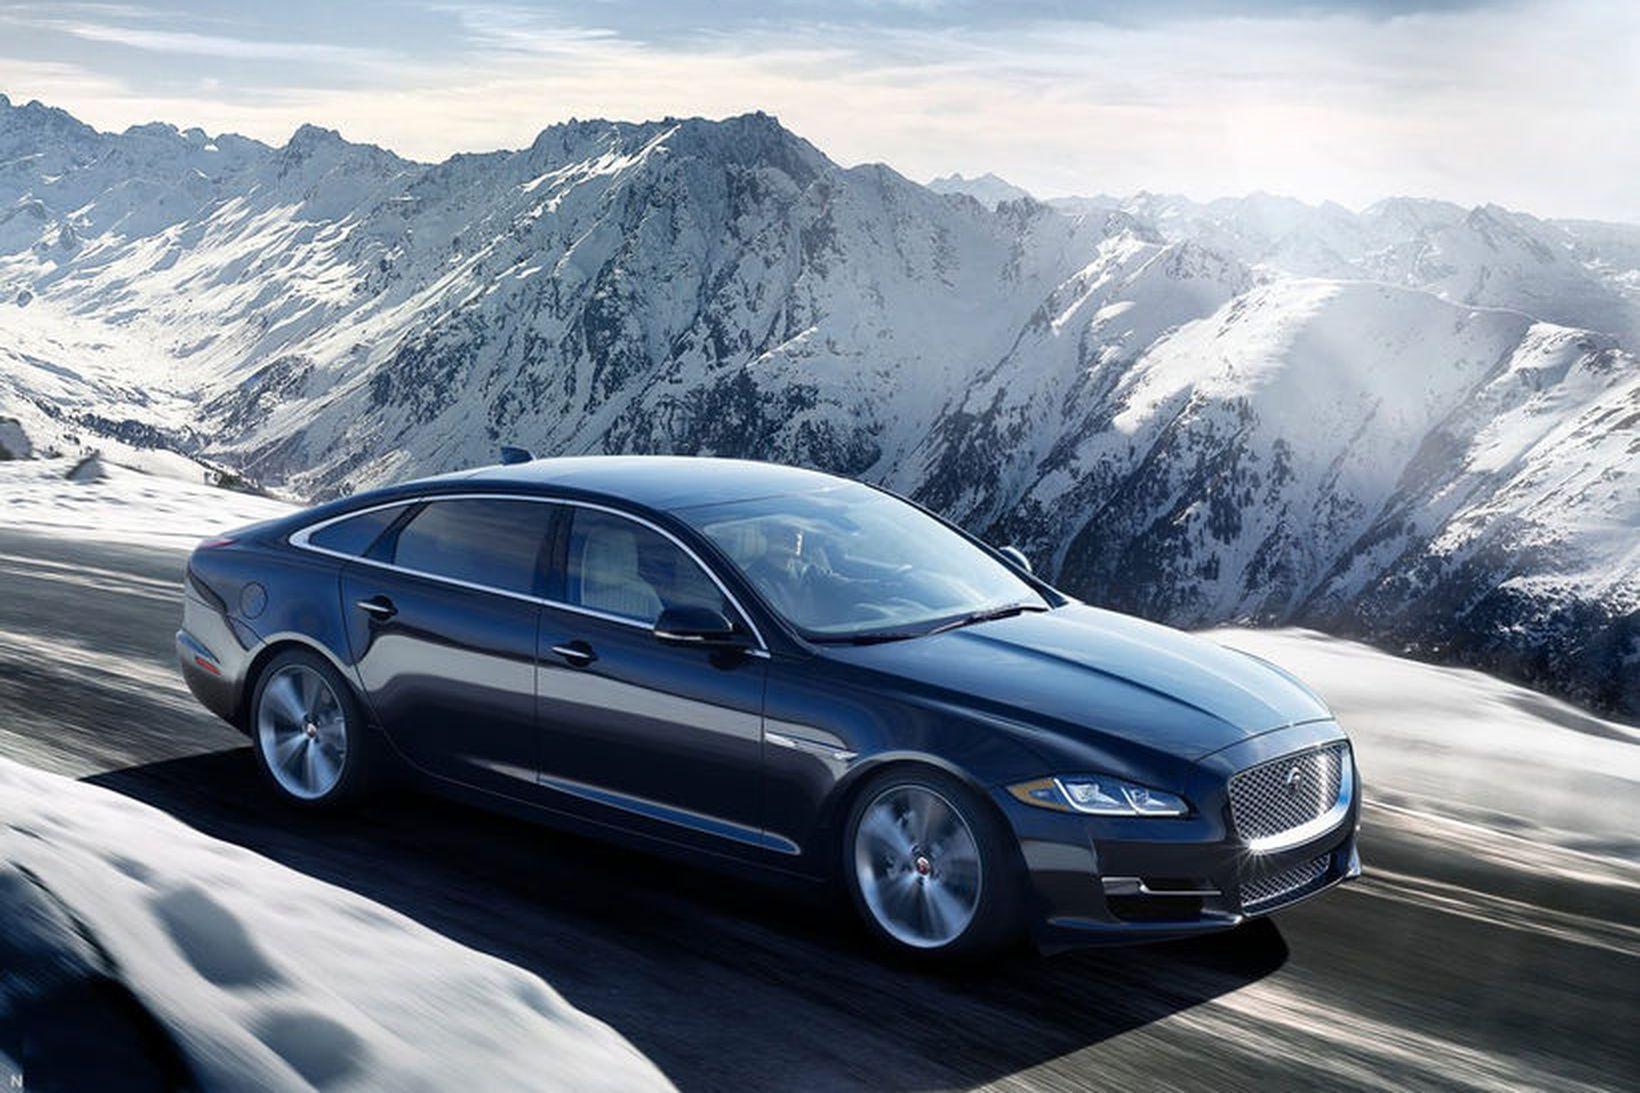 Jaguar XJ hefur runnið skeið sitt á enda.